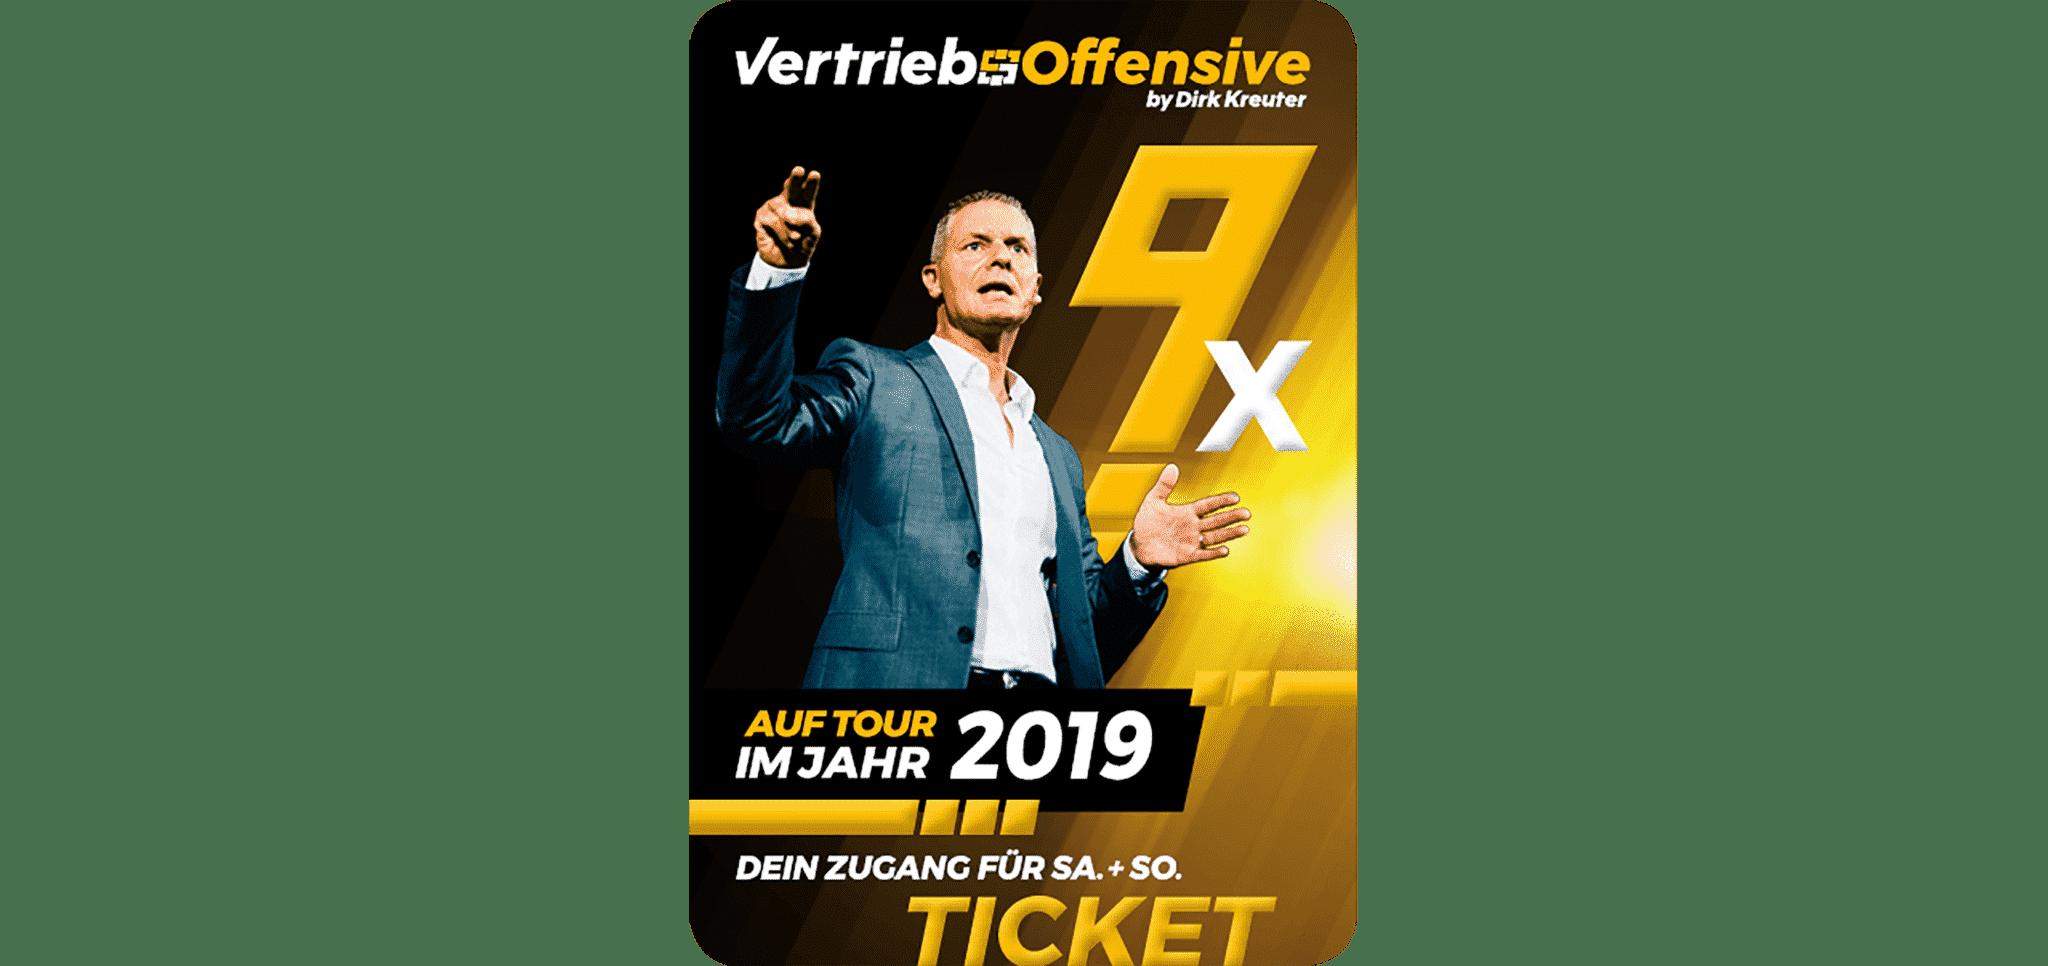 Vertriebsoffensive 2019 in Deutschland + Österreich by Dirk Kreuter